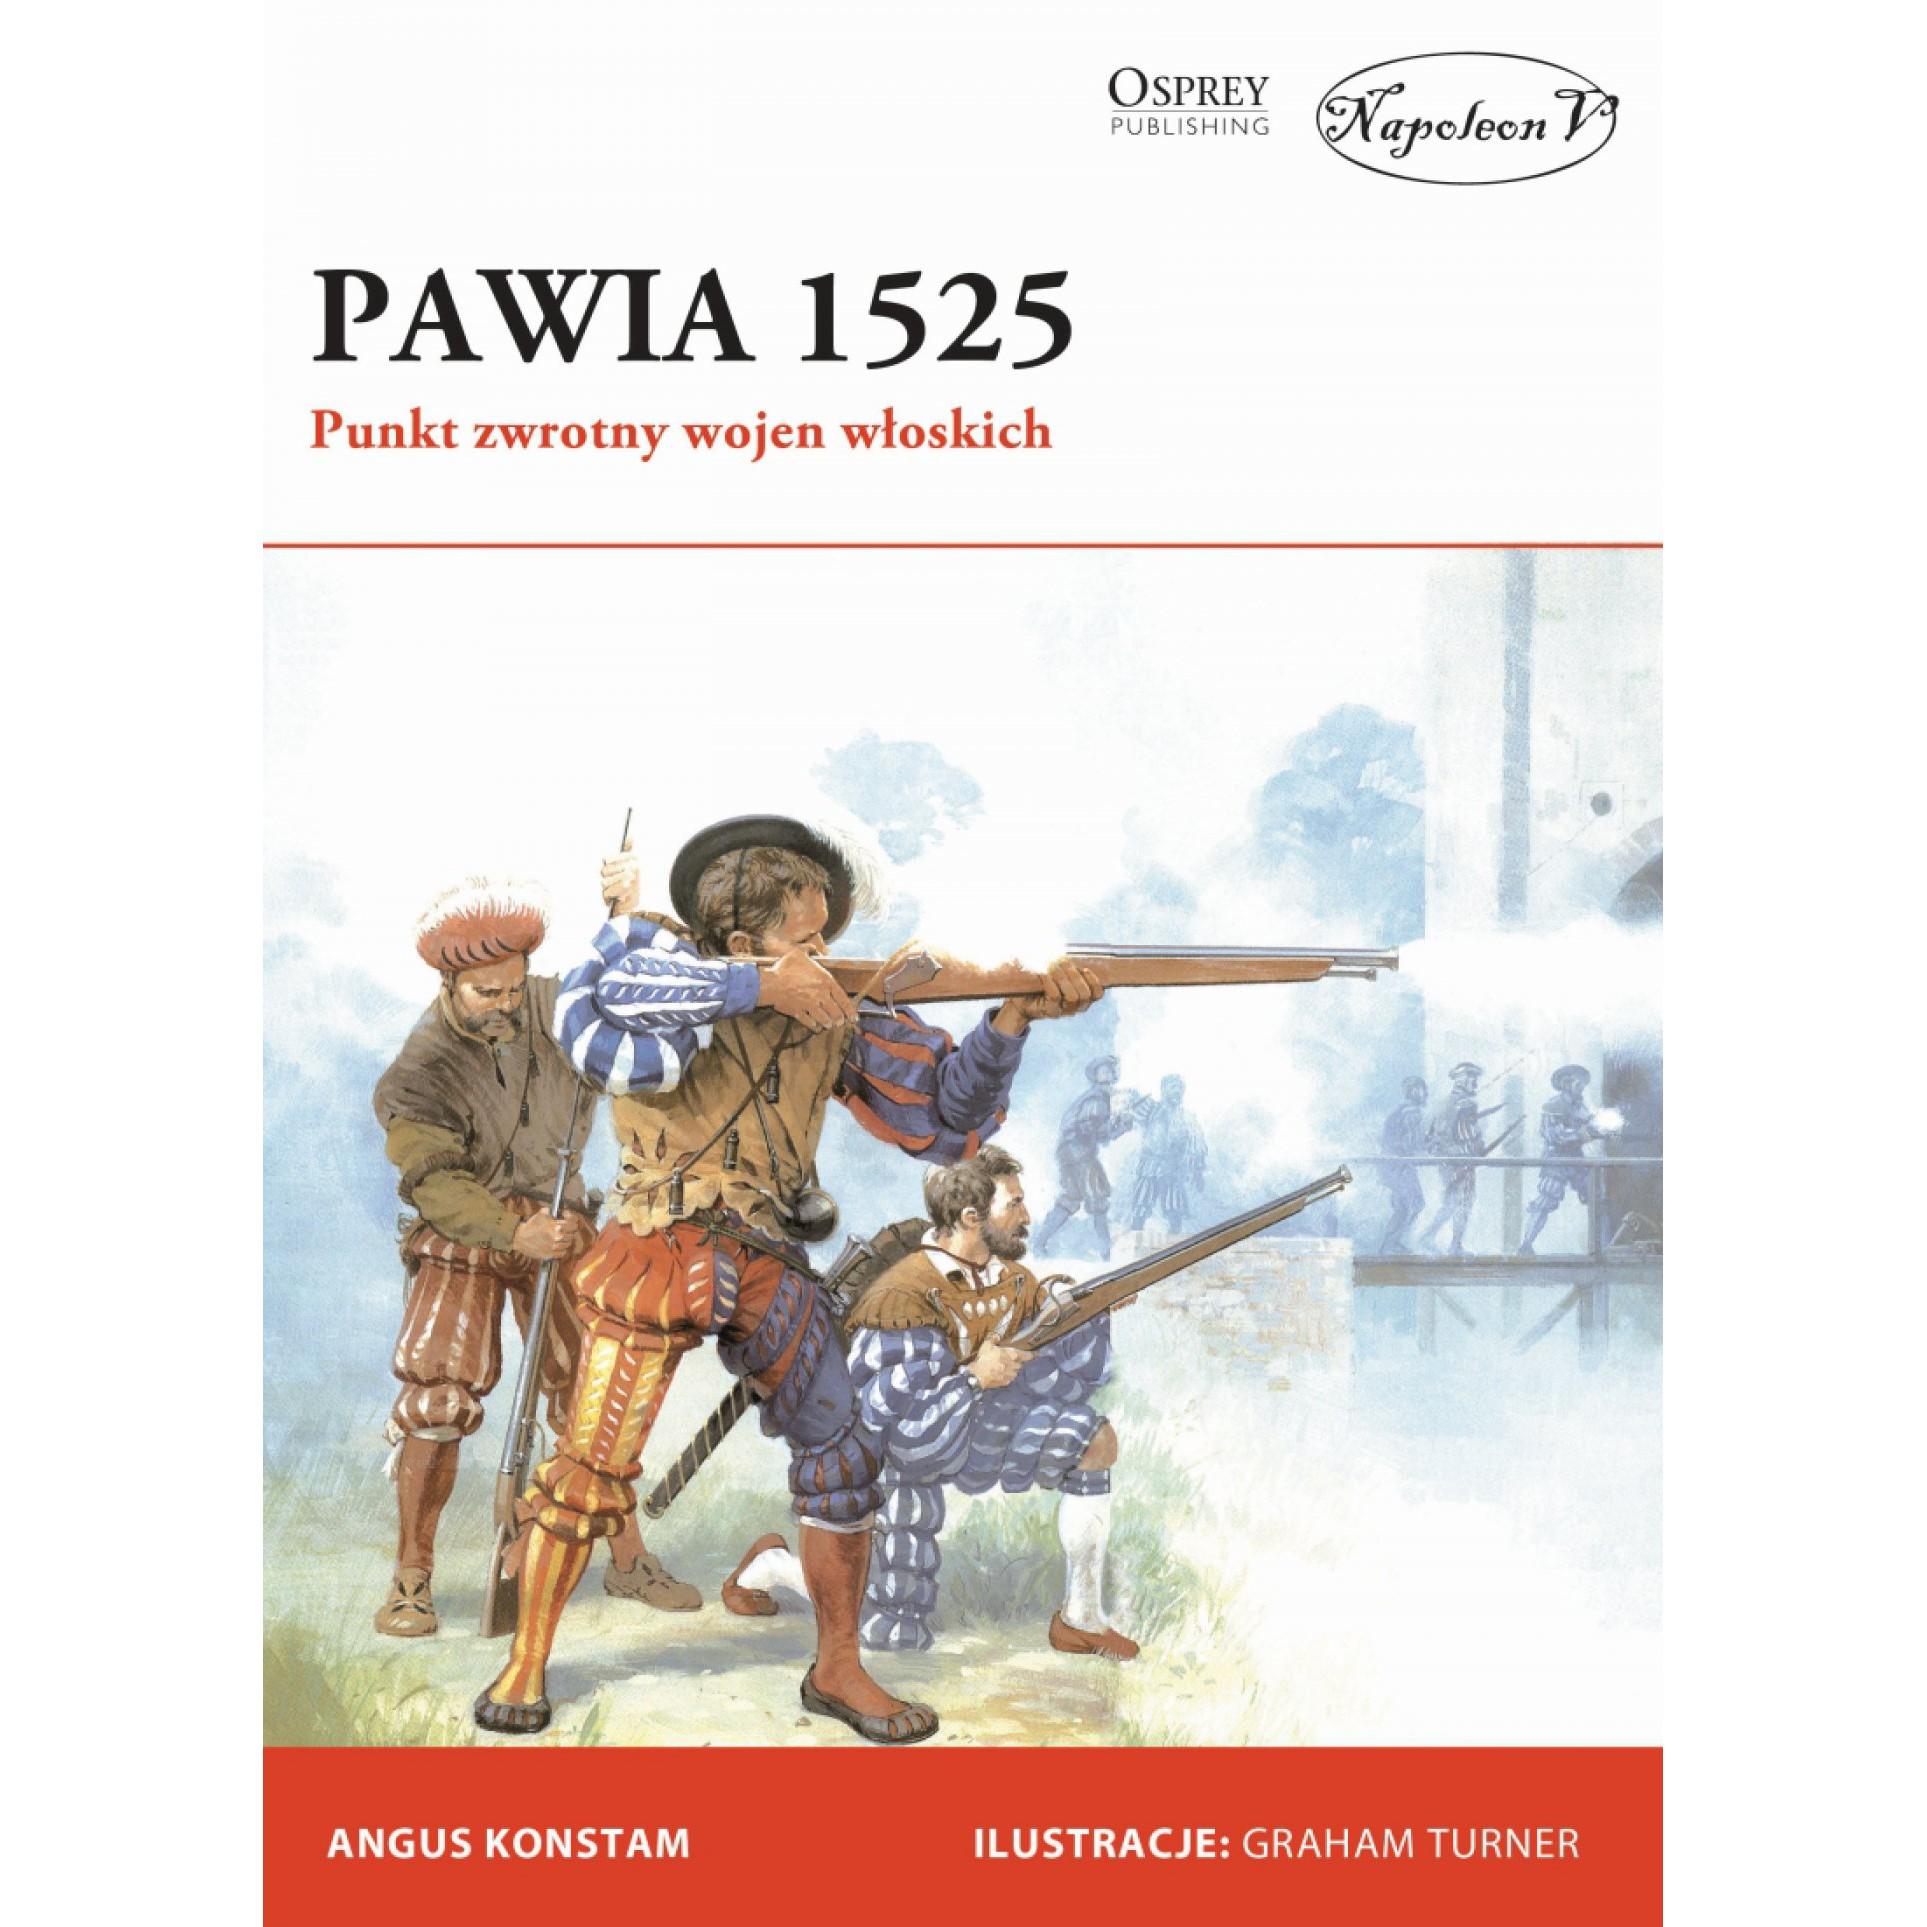 Pawia 1525. Punkt zwrotny wojen włoskich